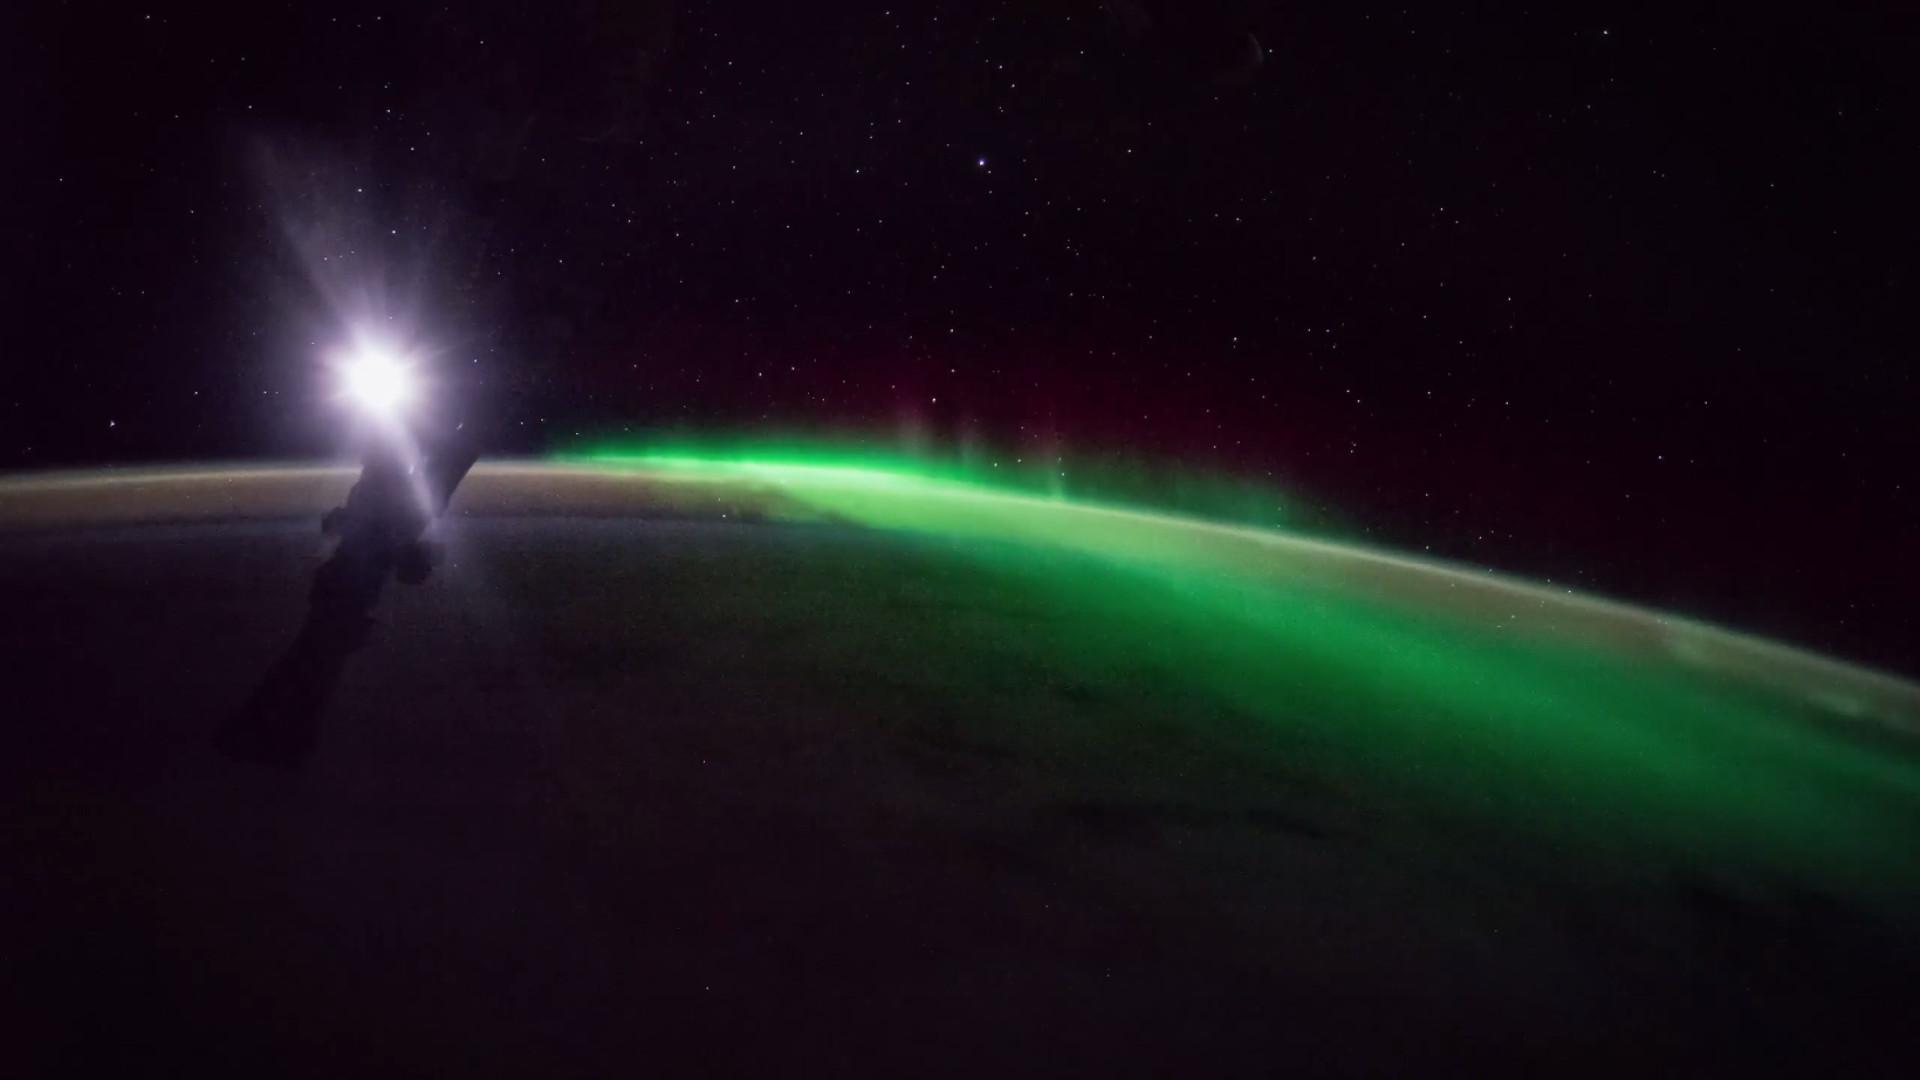 Imagens únicas de aurora boreal e nascer do sol vistos do Espaço